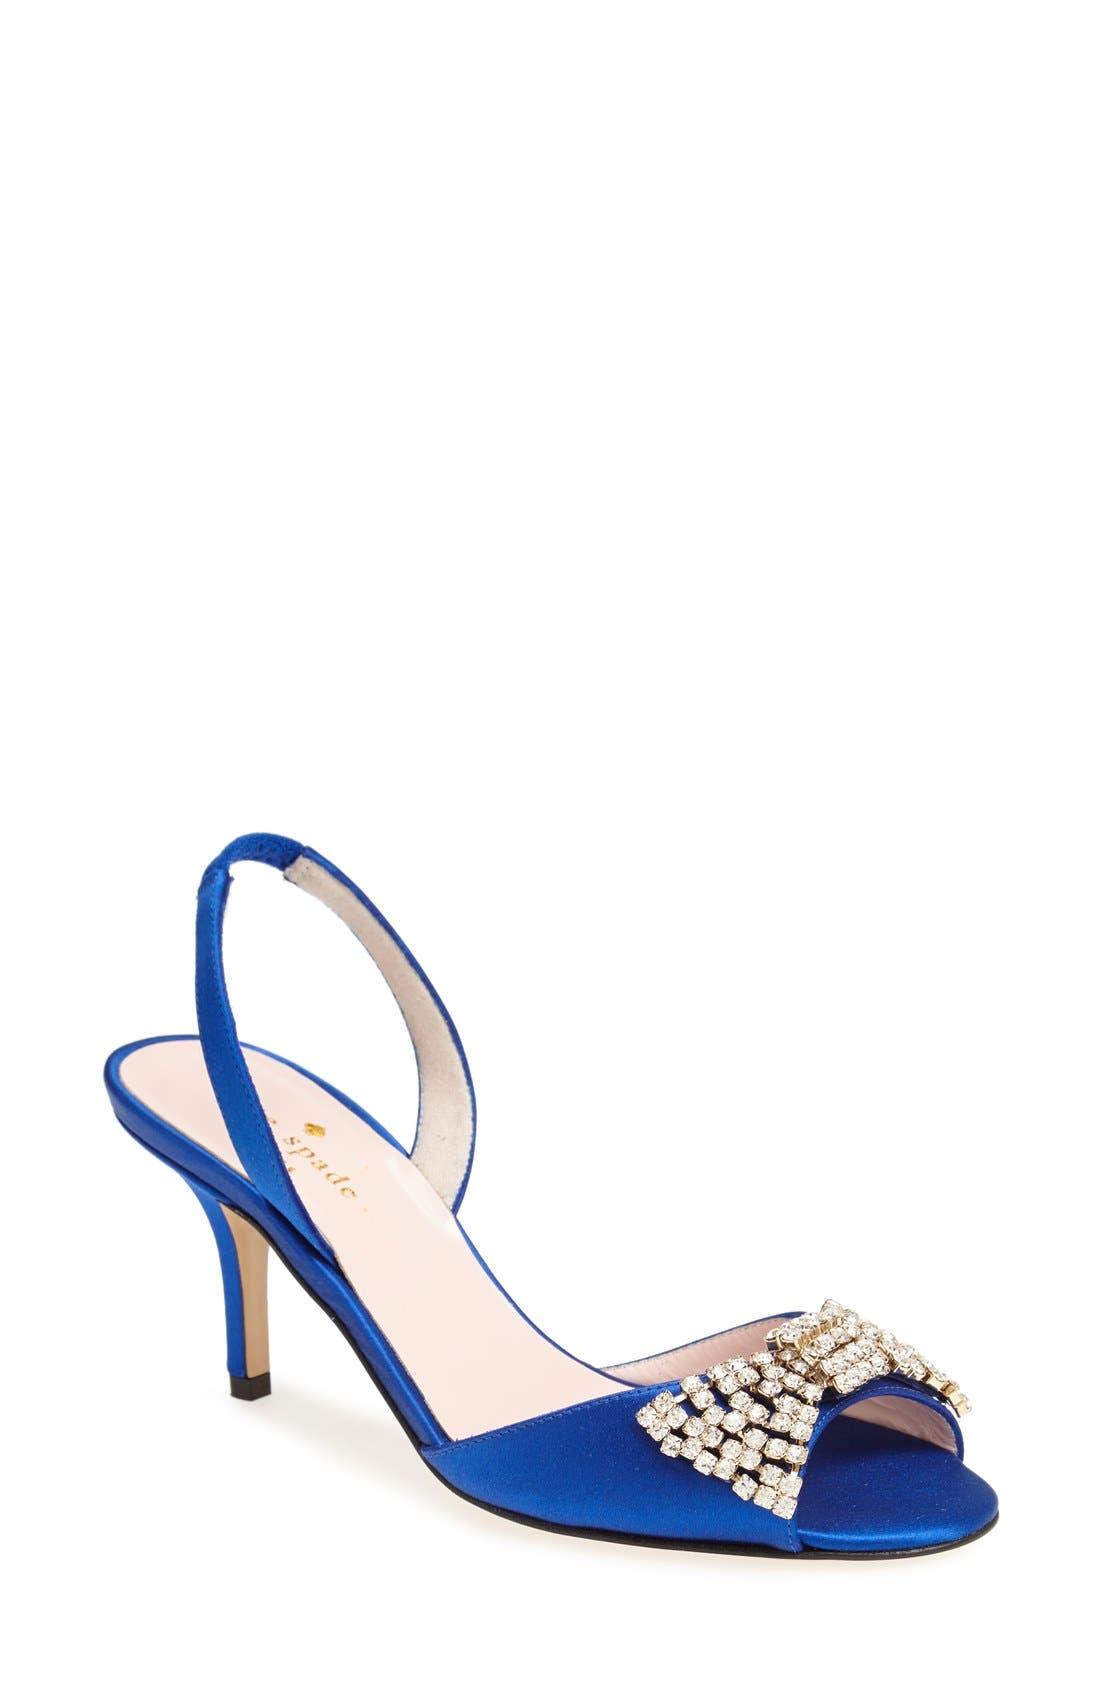 Alternate Image 1 Selected - kate spade new york 'miva' sandal (Women)